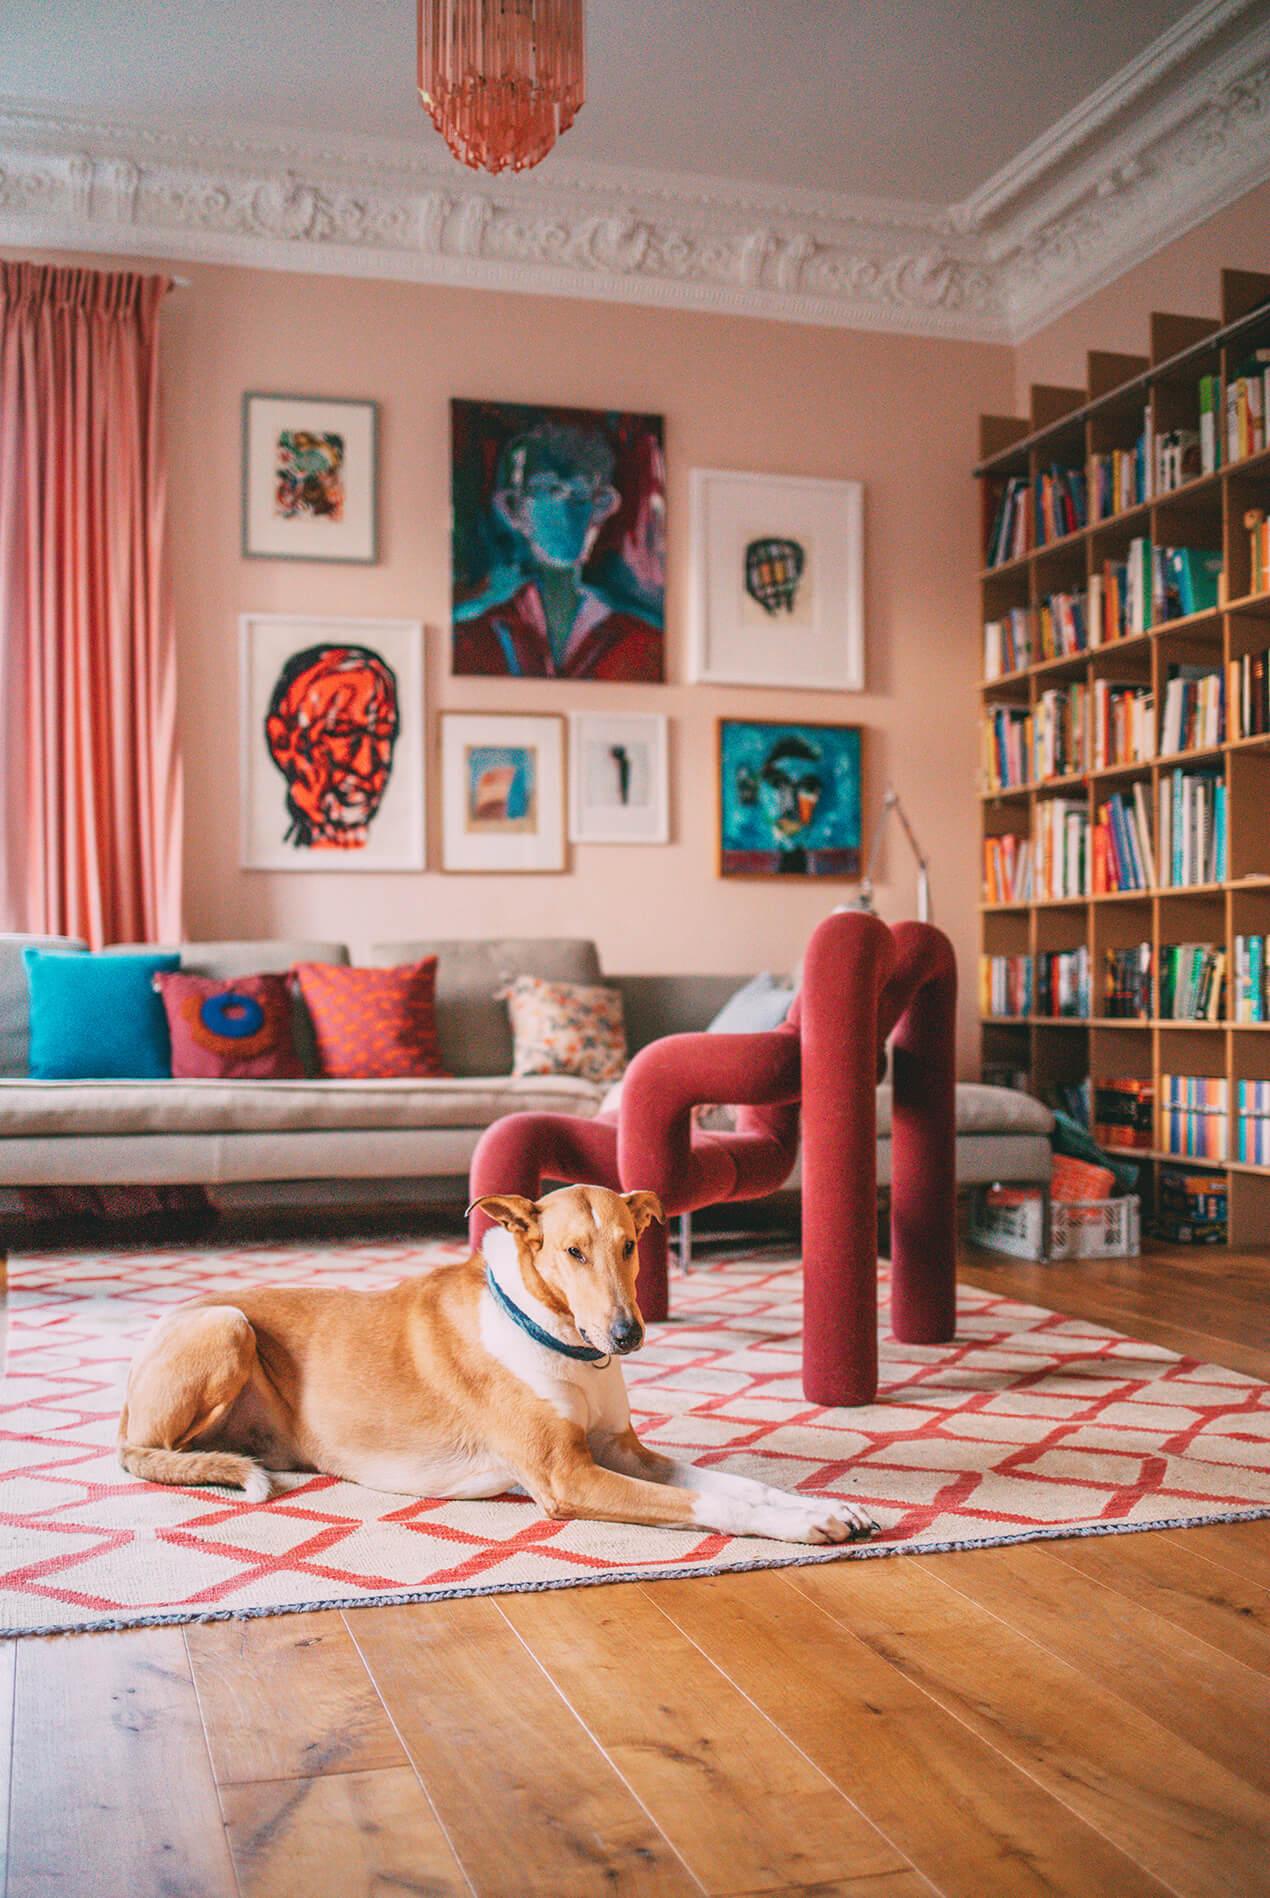 Lumikello: Hund Ede im Wohnzimmer